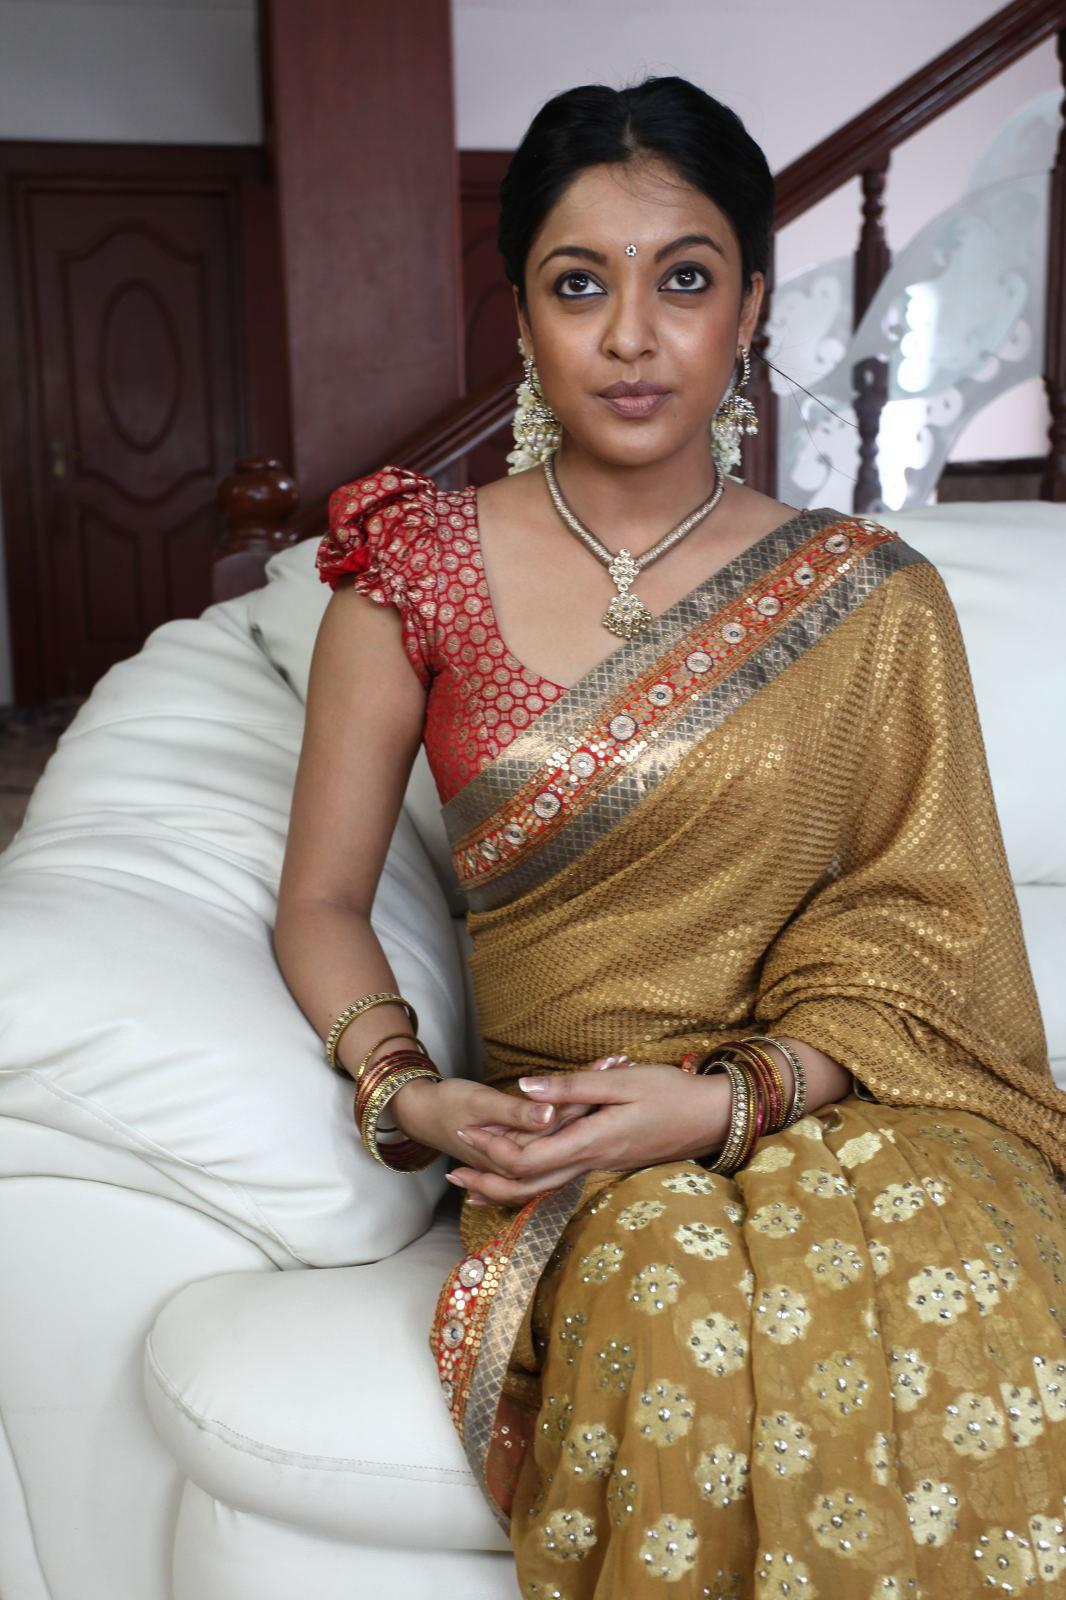 Gorgeous tanushree in saree without makeup